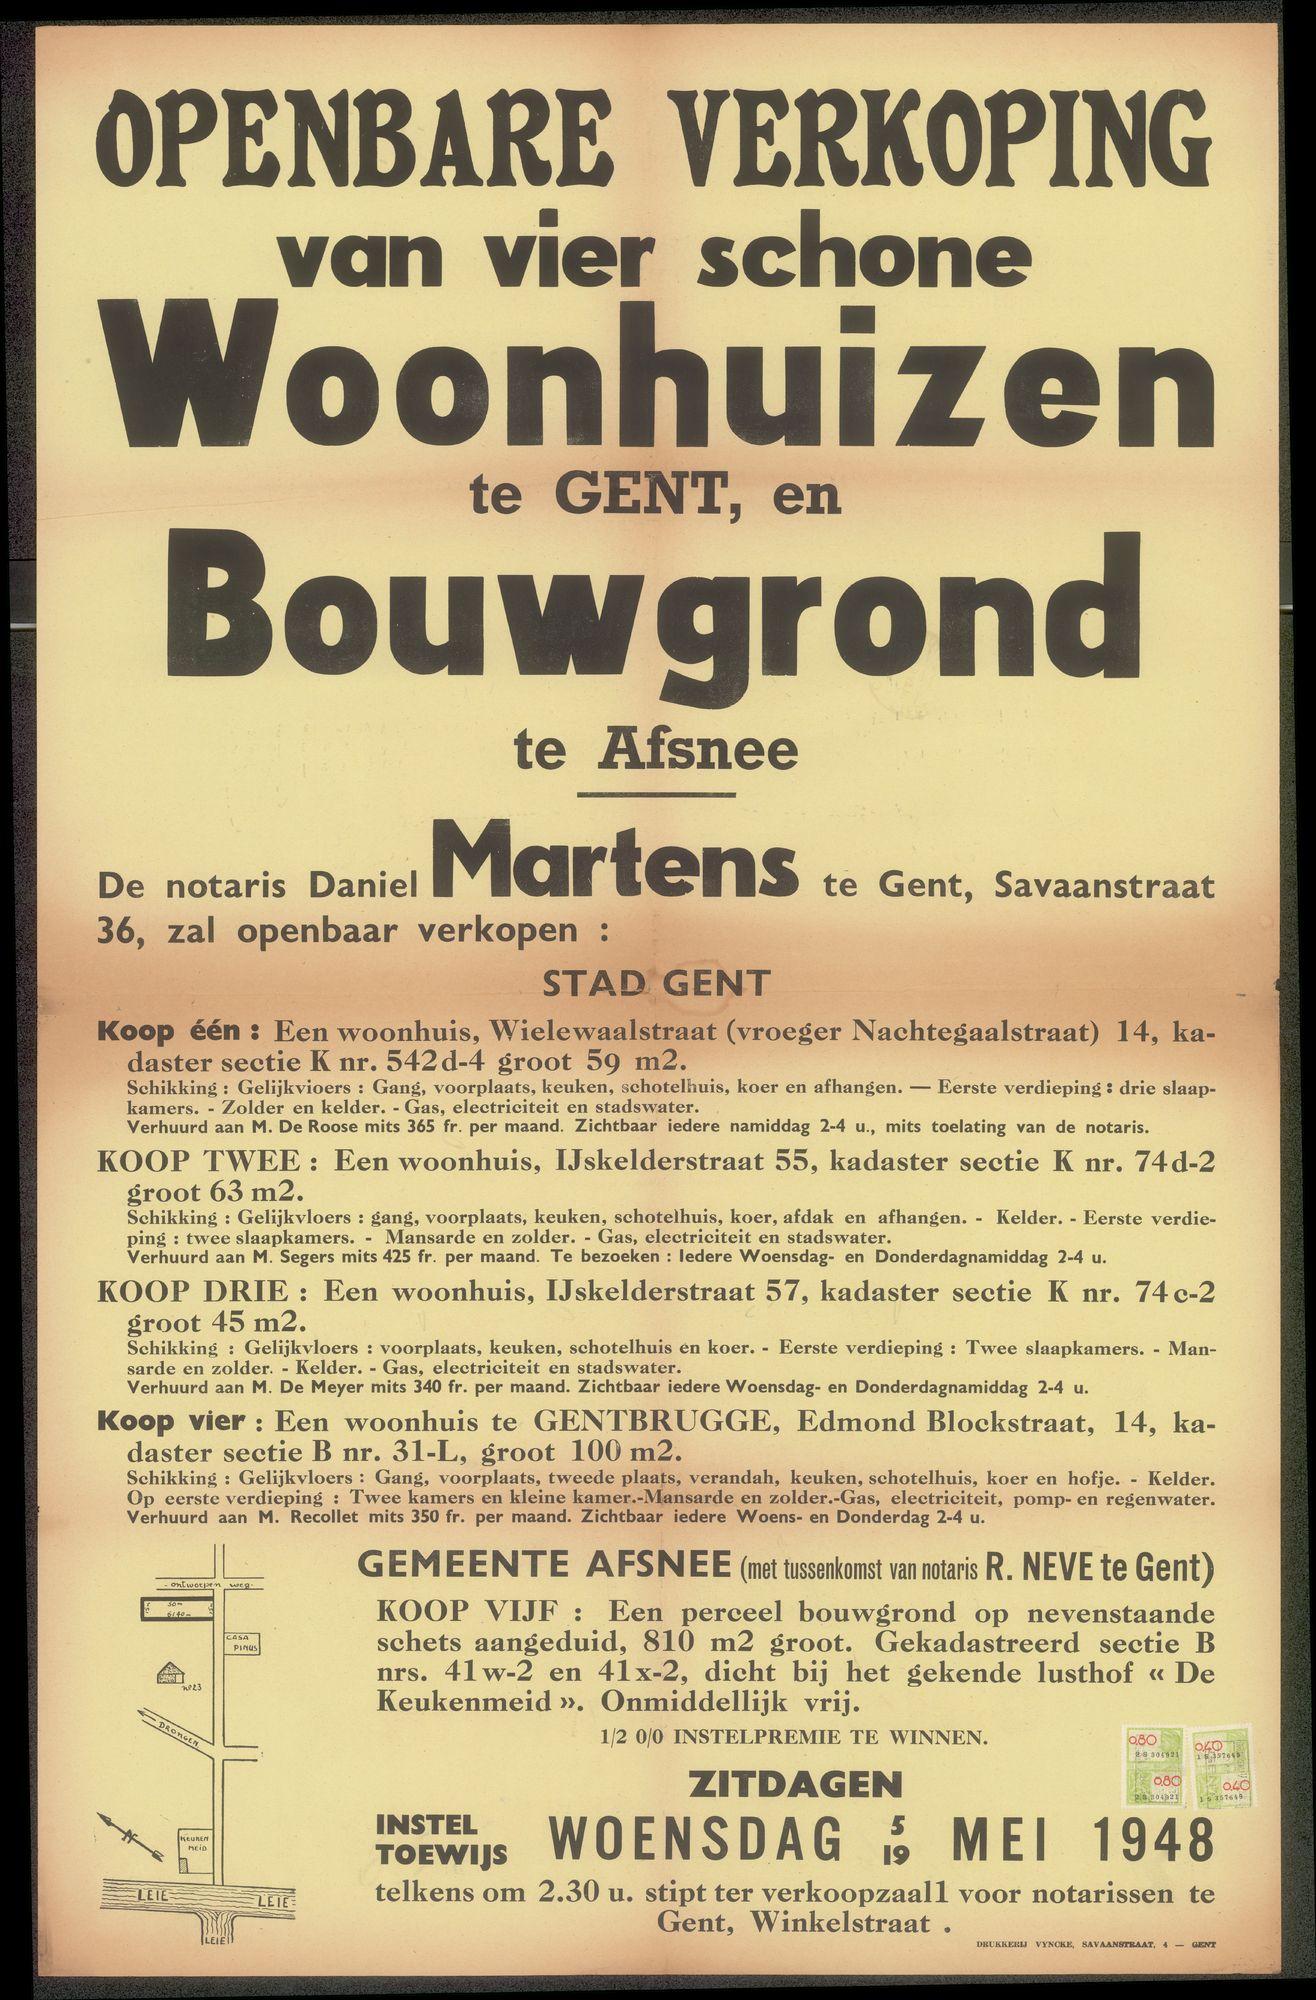 Openbare verkoop van vier schone woonhuizen te Gent, en bouwgrond te Afsnee, Gent, 5 en 19 mei 1948